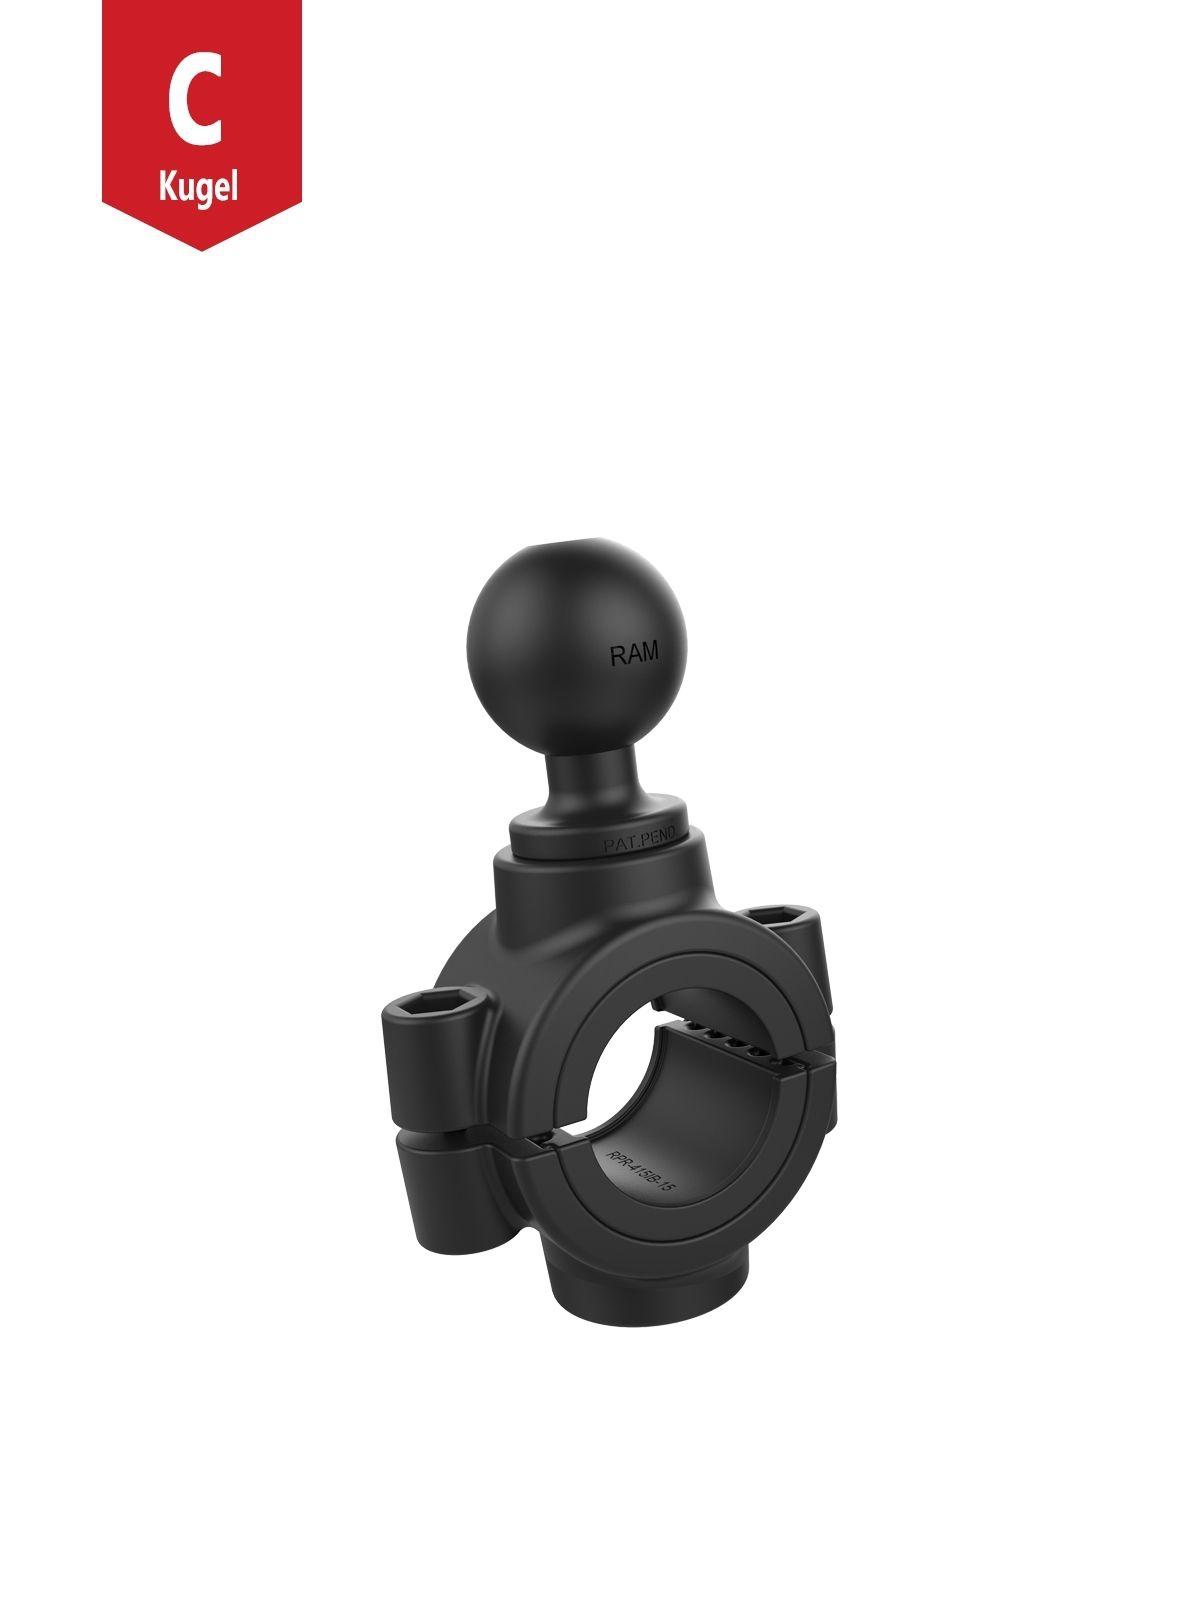 RAM Mounts Torque Rohrschelle - 38,1-50,8 mm Durchmesser, Pin-Lock C-Kugel (1,5 Zoll), im Polybeutel